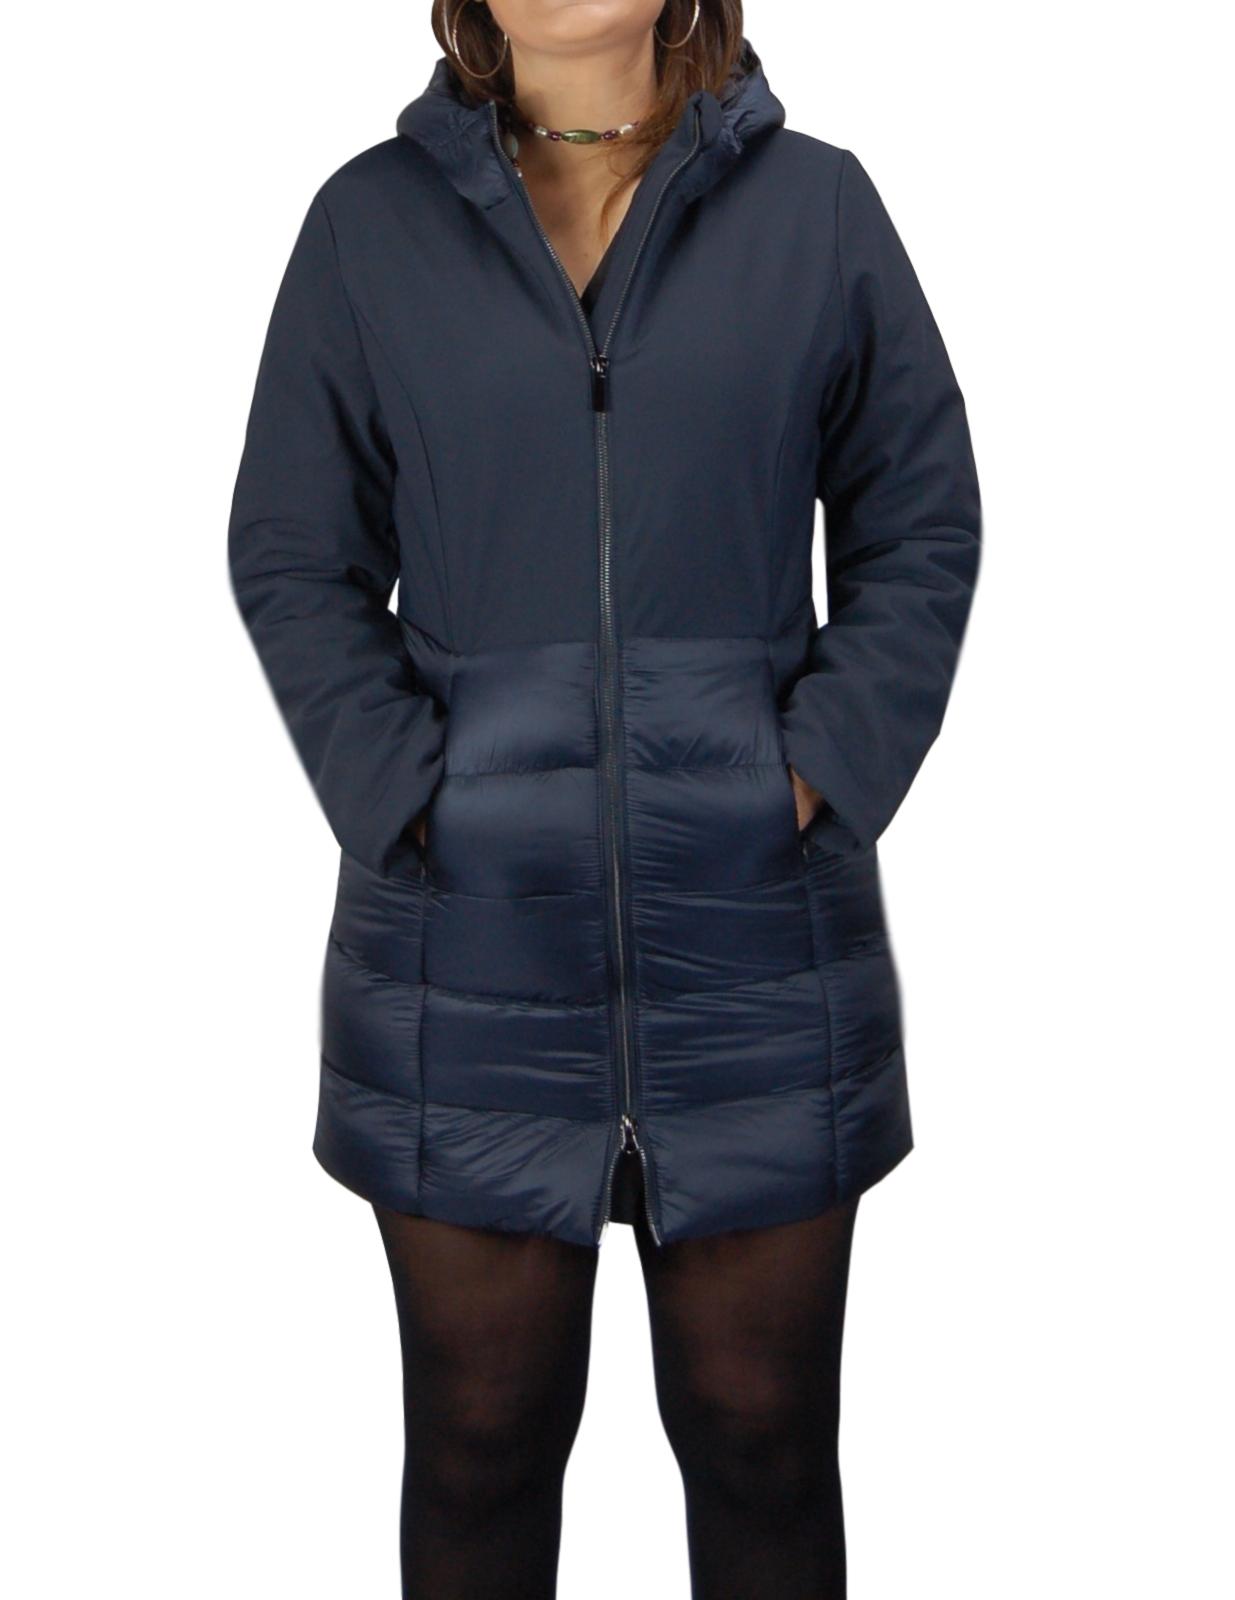 Giubbotto-Donna-Invernale-Piumino-Impermeabile-Parka-Blu-Nero-Slim-fit-Casual miniatura 14